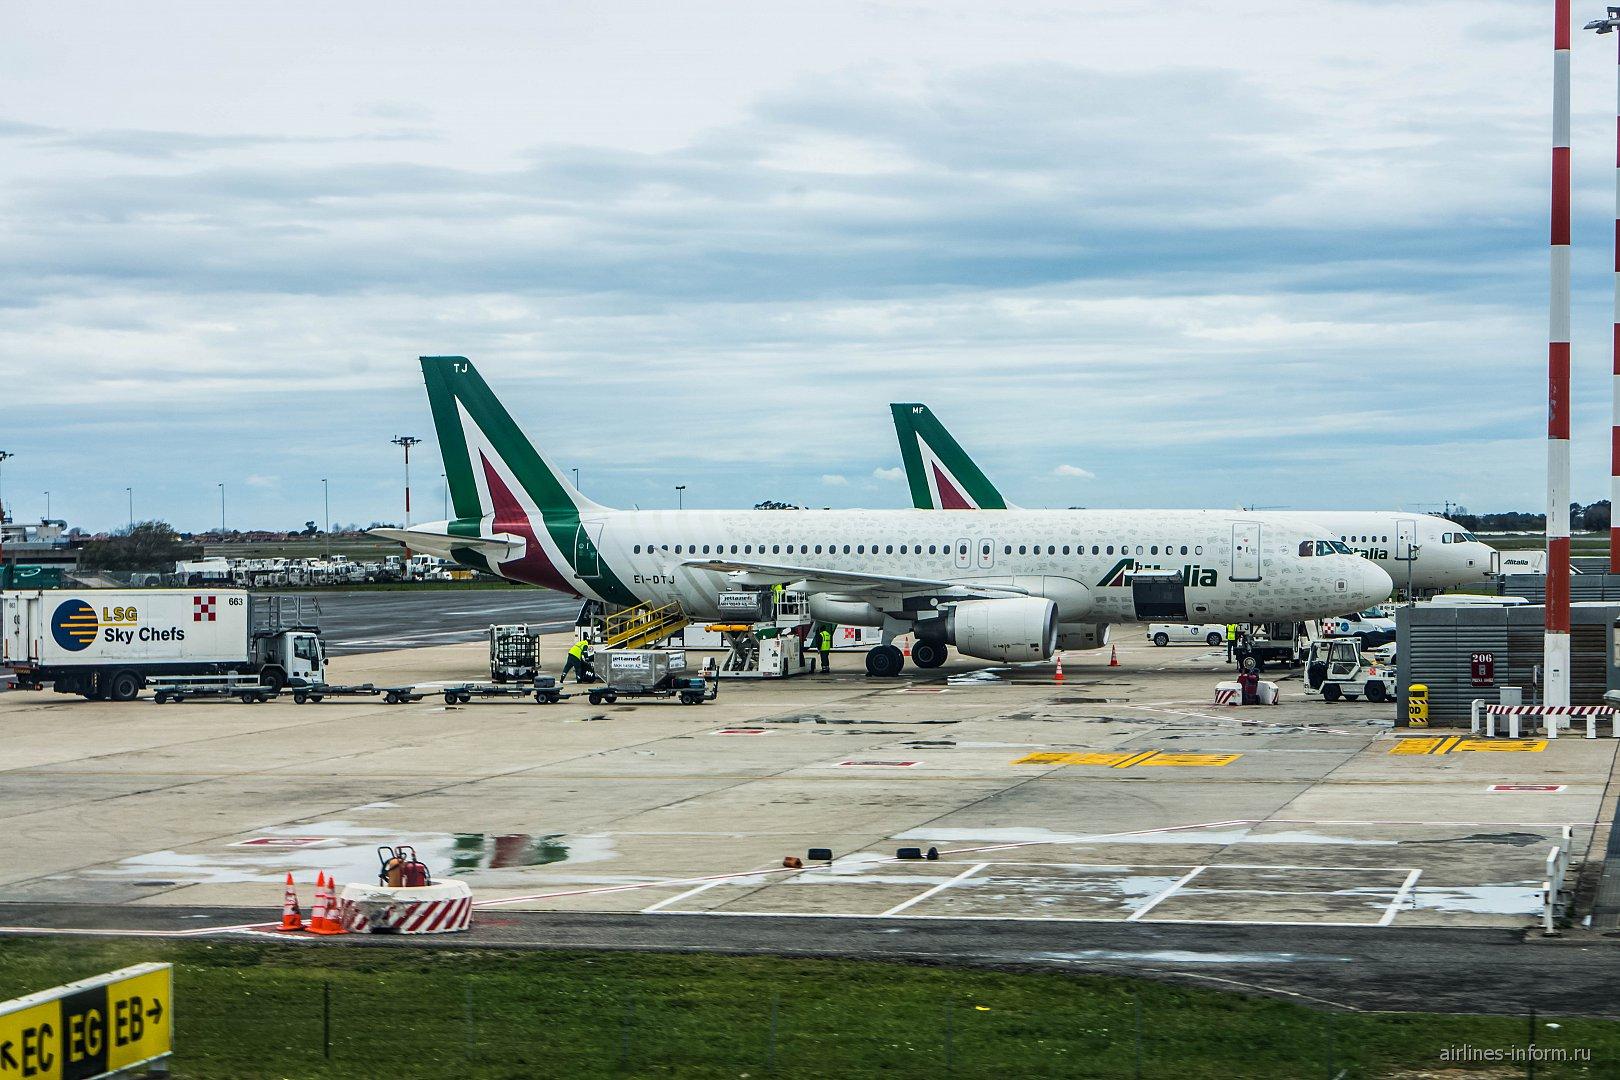 Самолеты Airbus A320 Alitalia в аэропорту Рим Фьюмичино